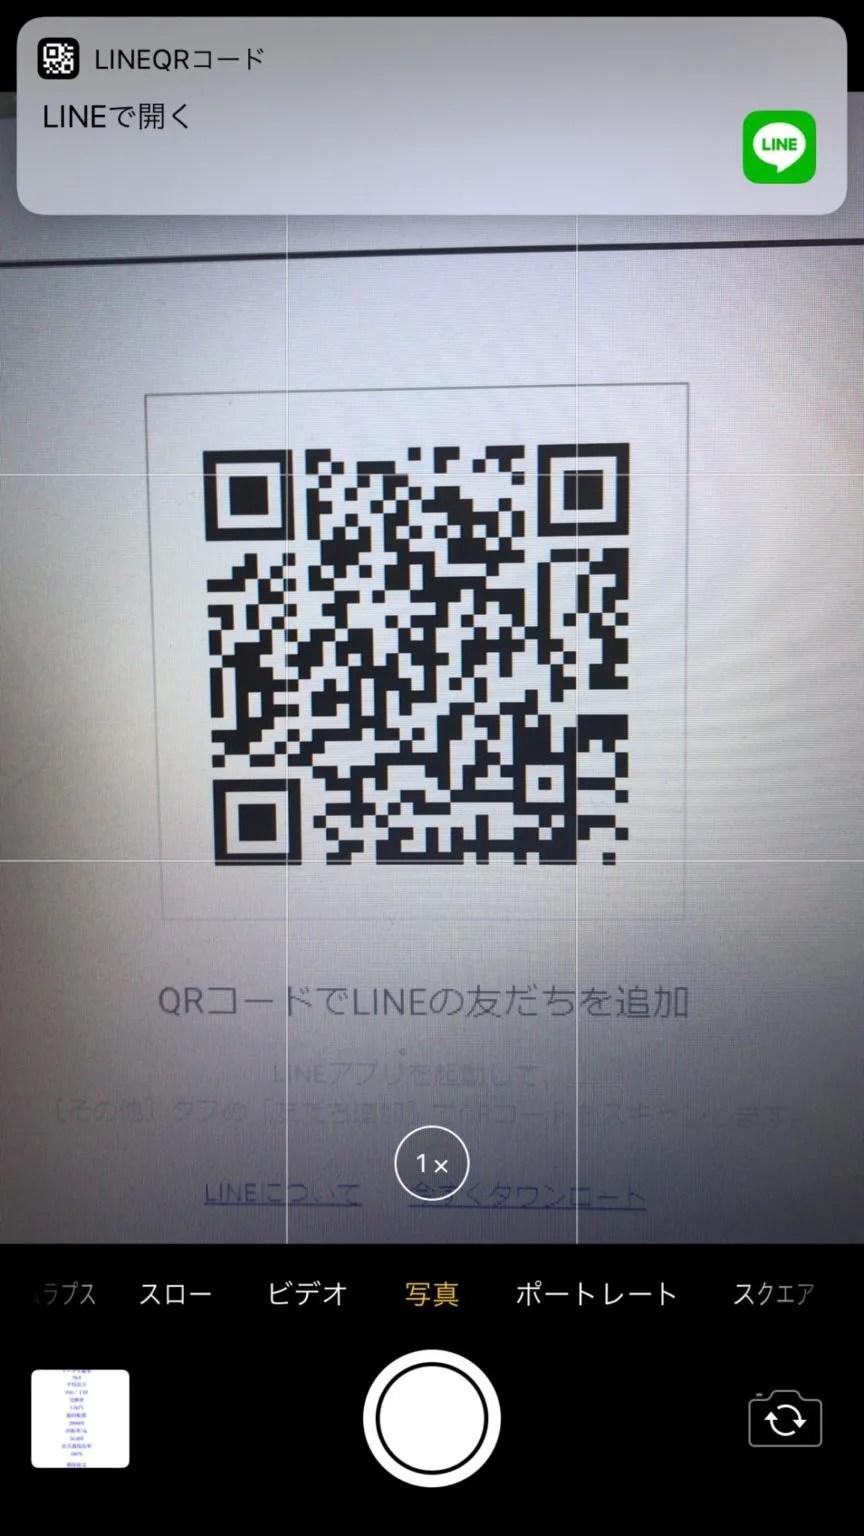 QRコードを読み取る方法